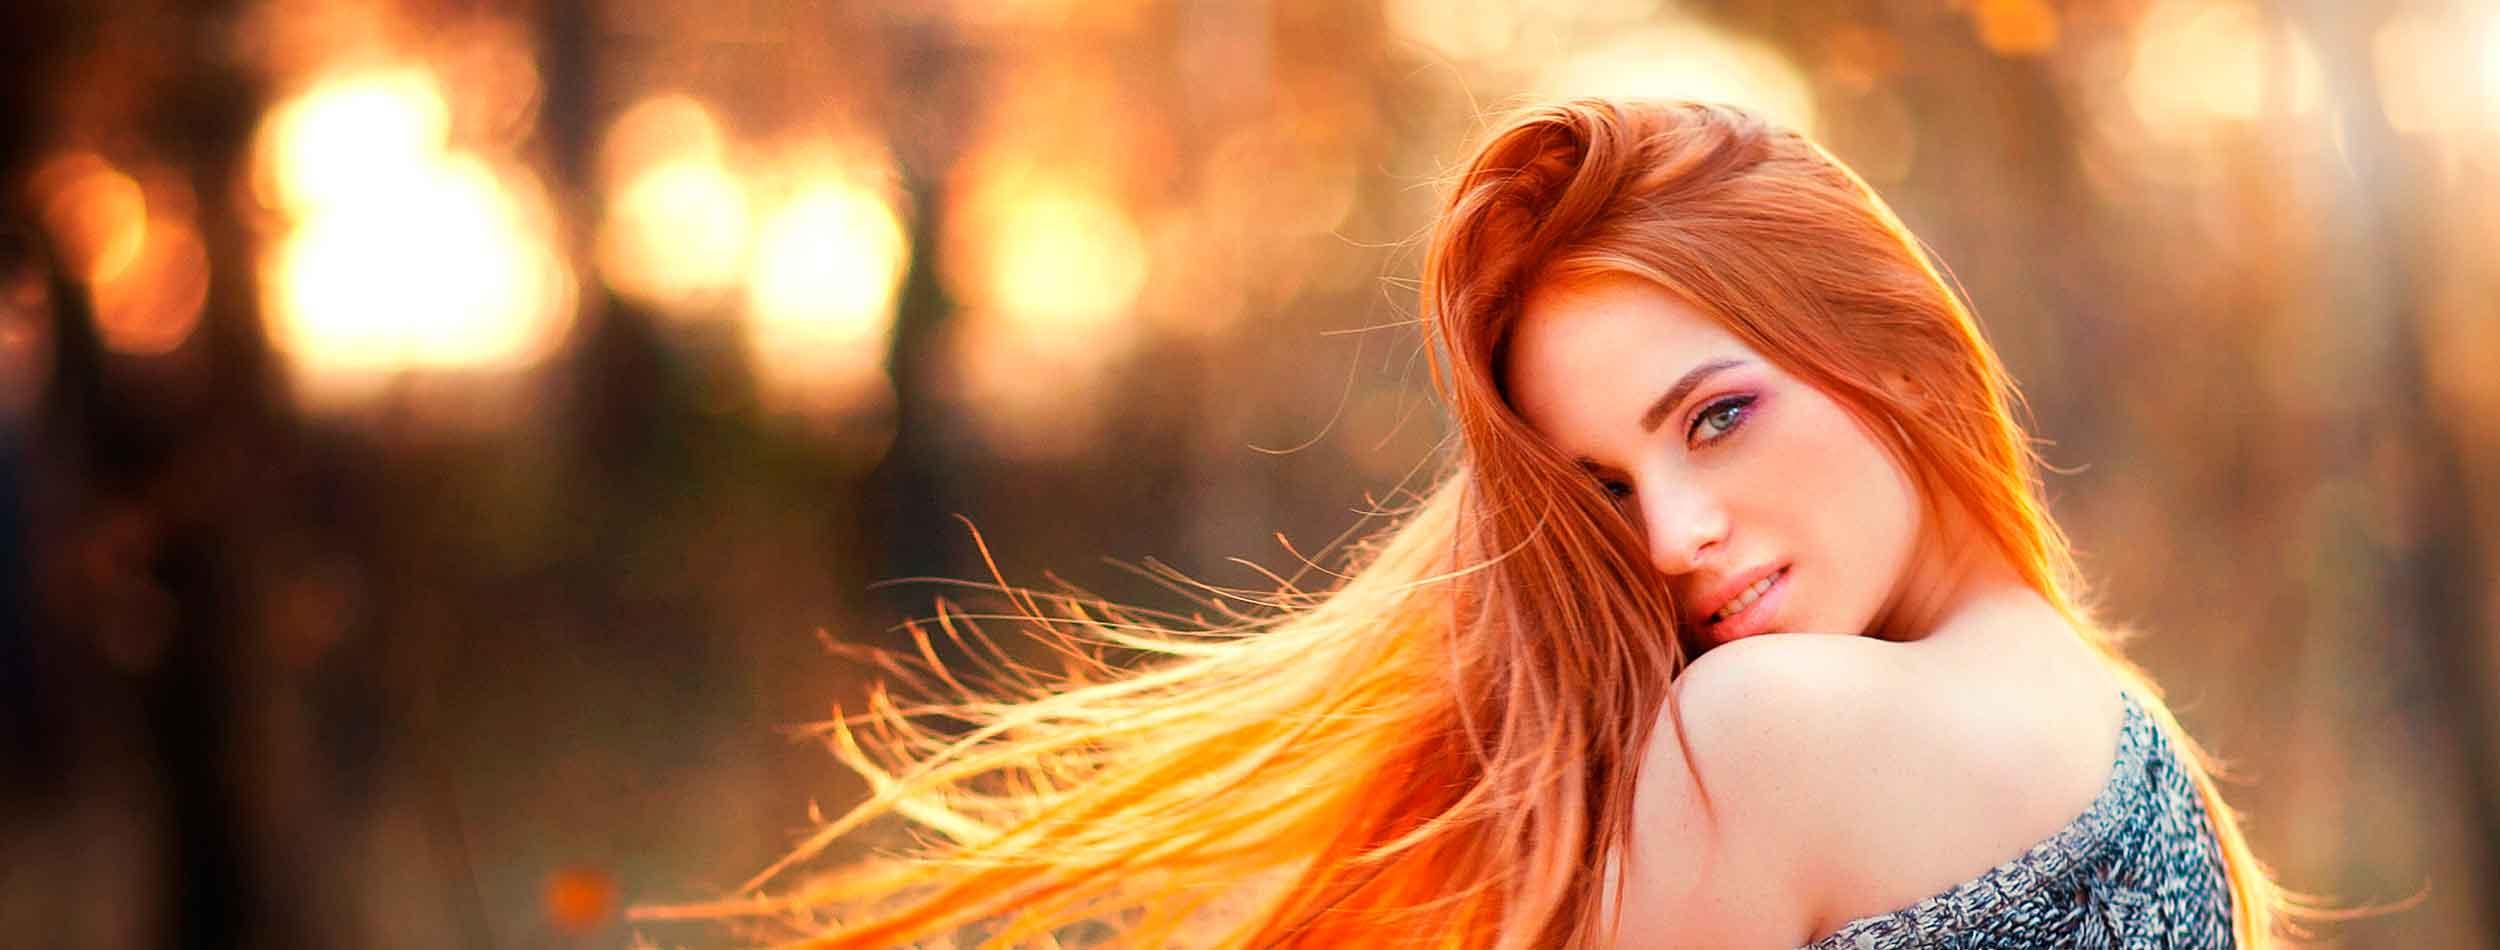 Tonalizante ruivo - O que é, como aplicar e diferença com coloração